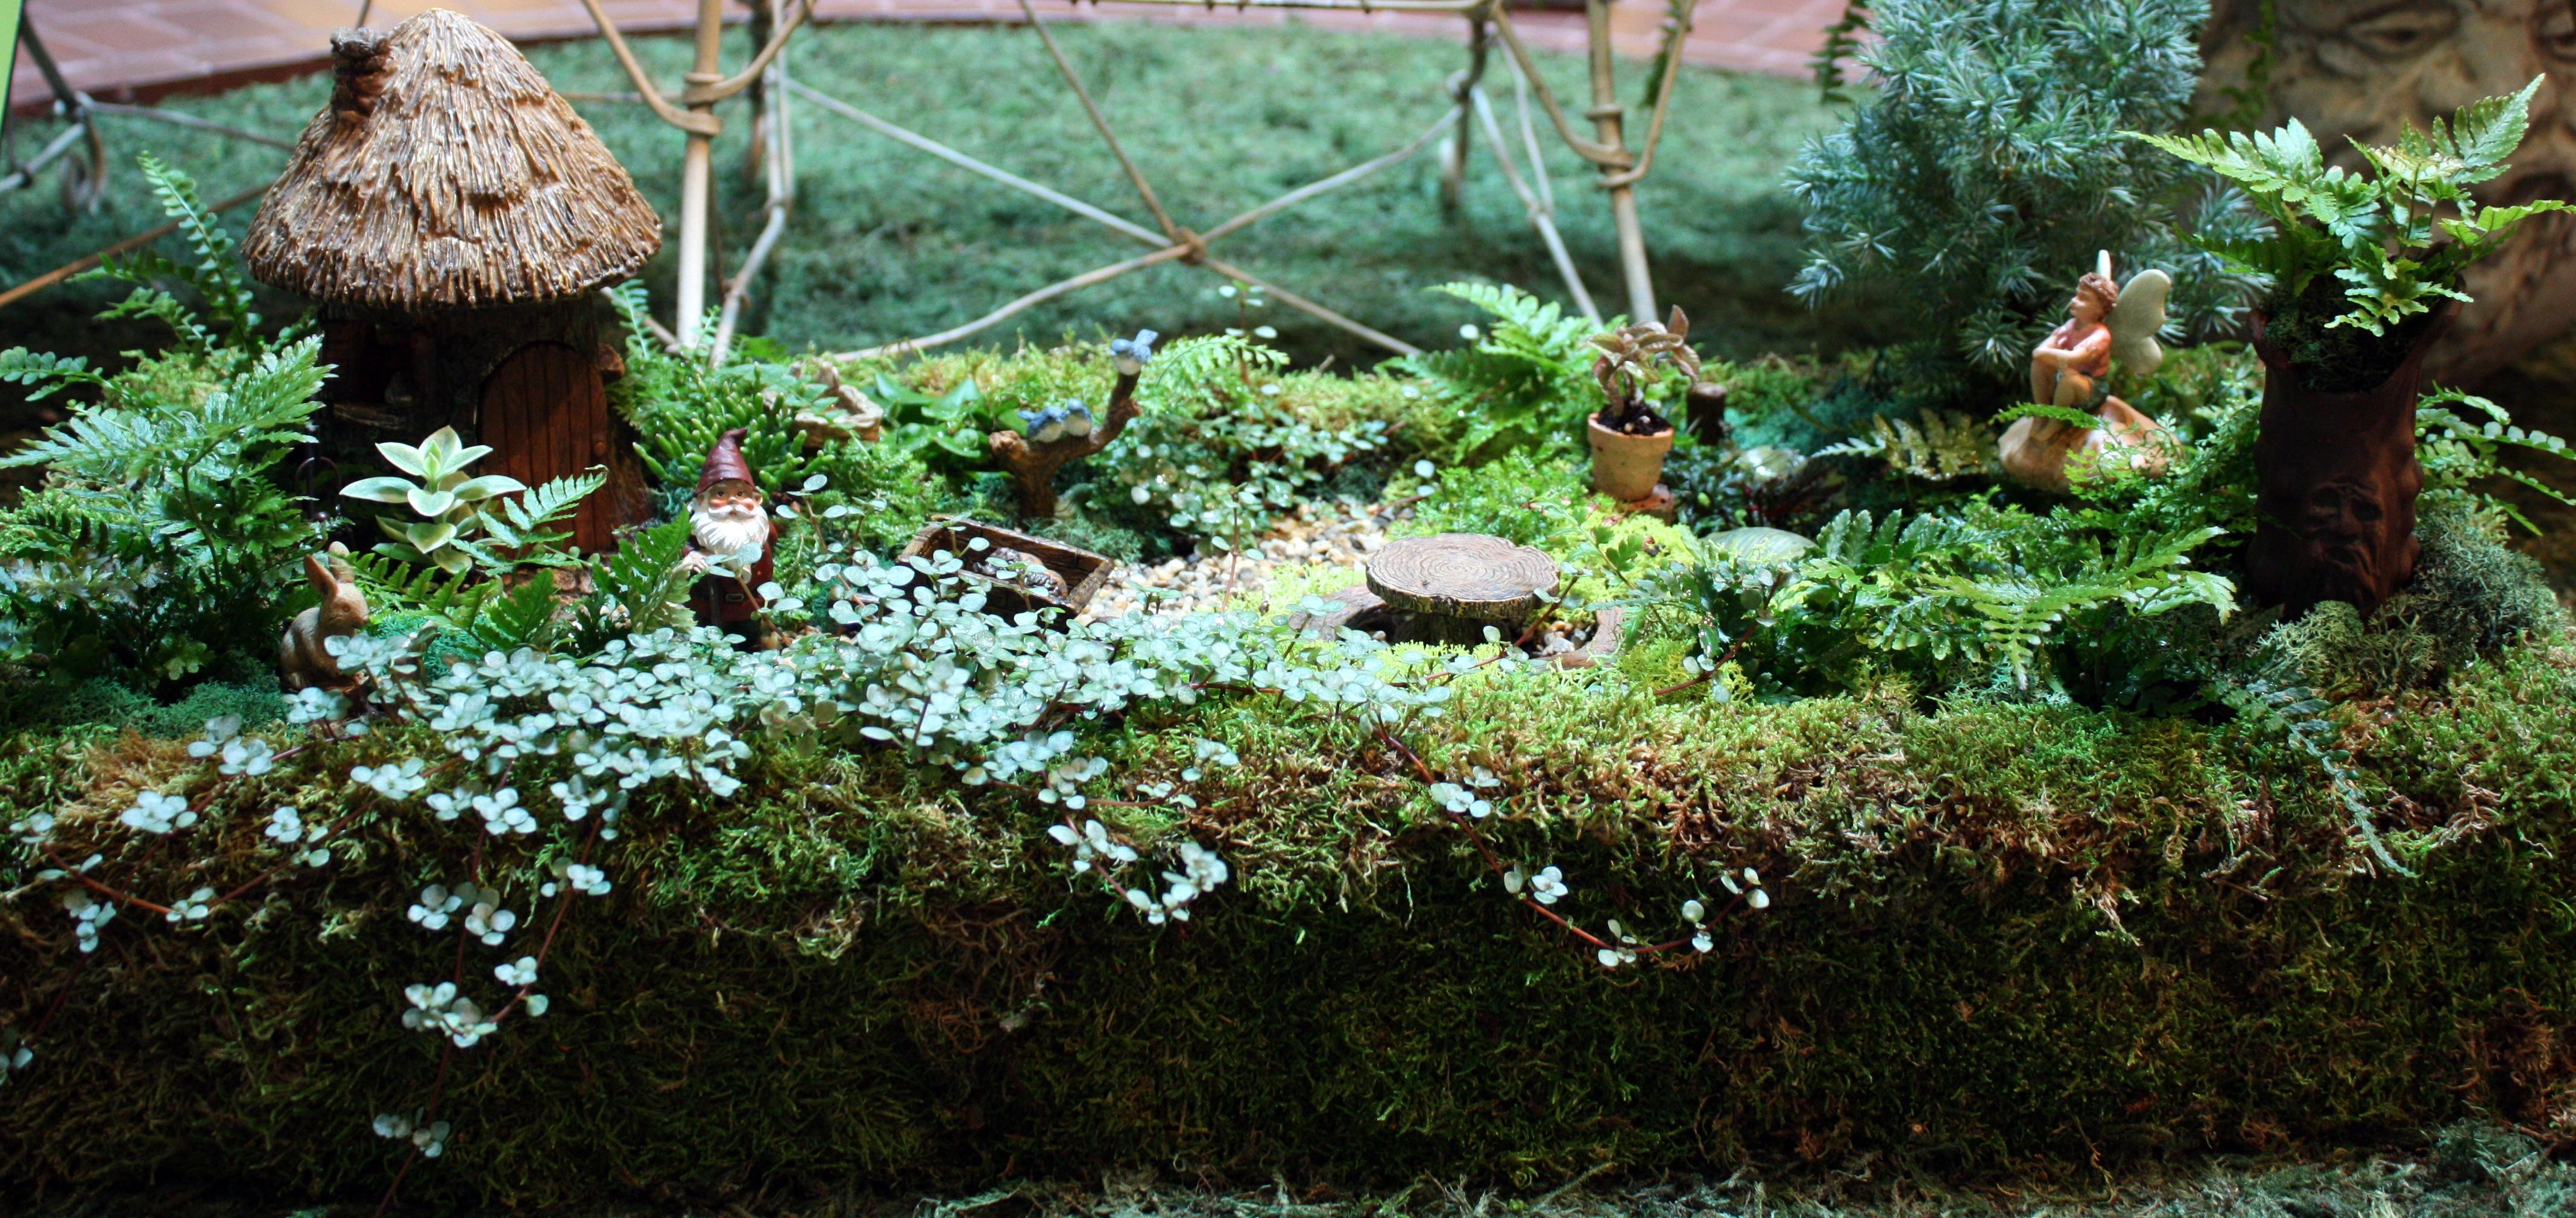 Smithsonian gardens discover smithsonian gardens - Garden in small space collection ...